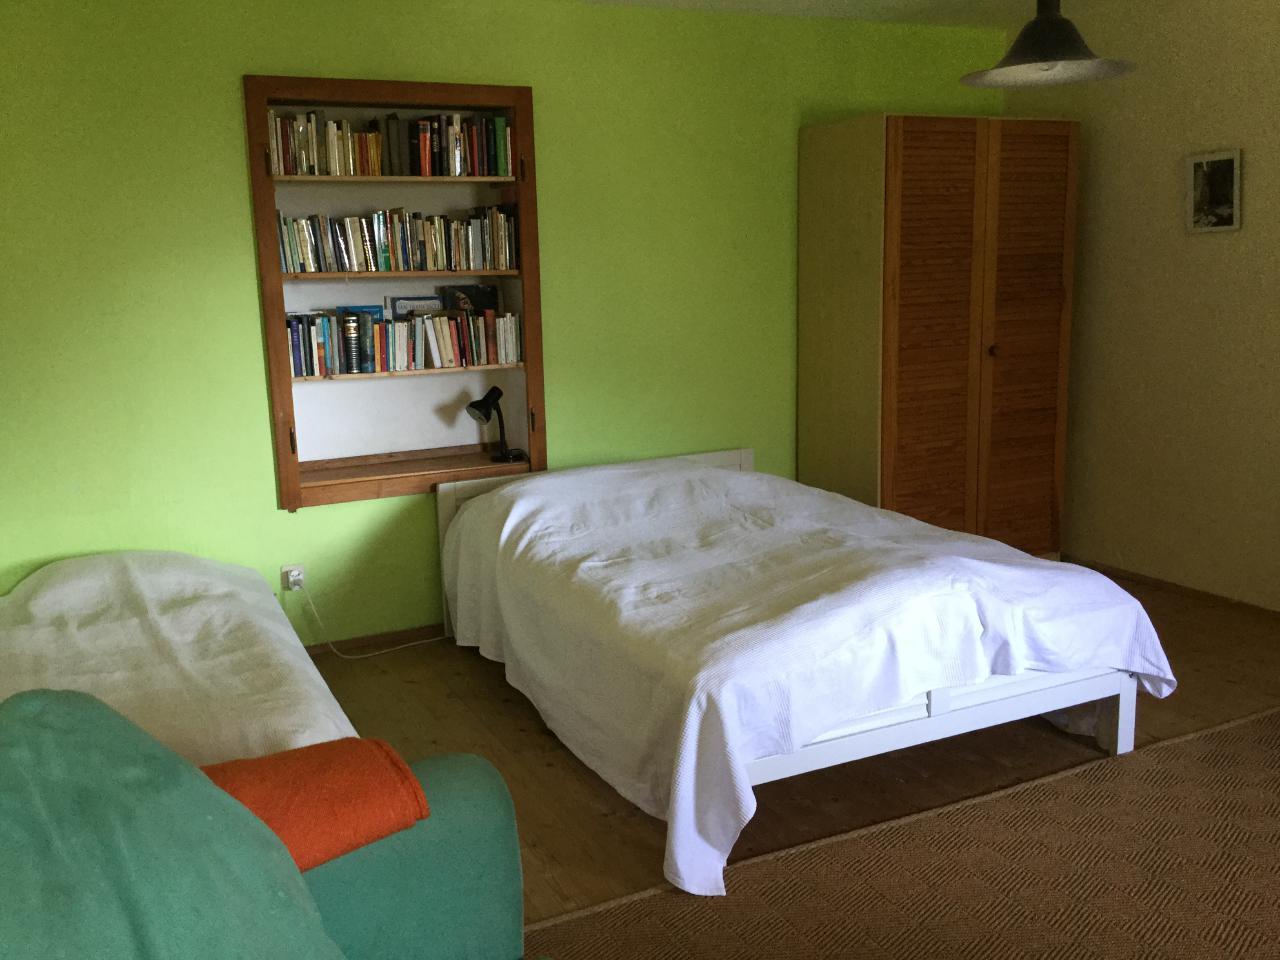 Ferienhaus Traumferienhaus (744814), Cevio, Maggiatal, Tessin, Schweiz, Bild 11